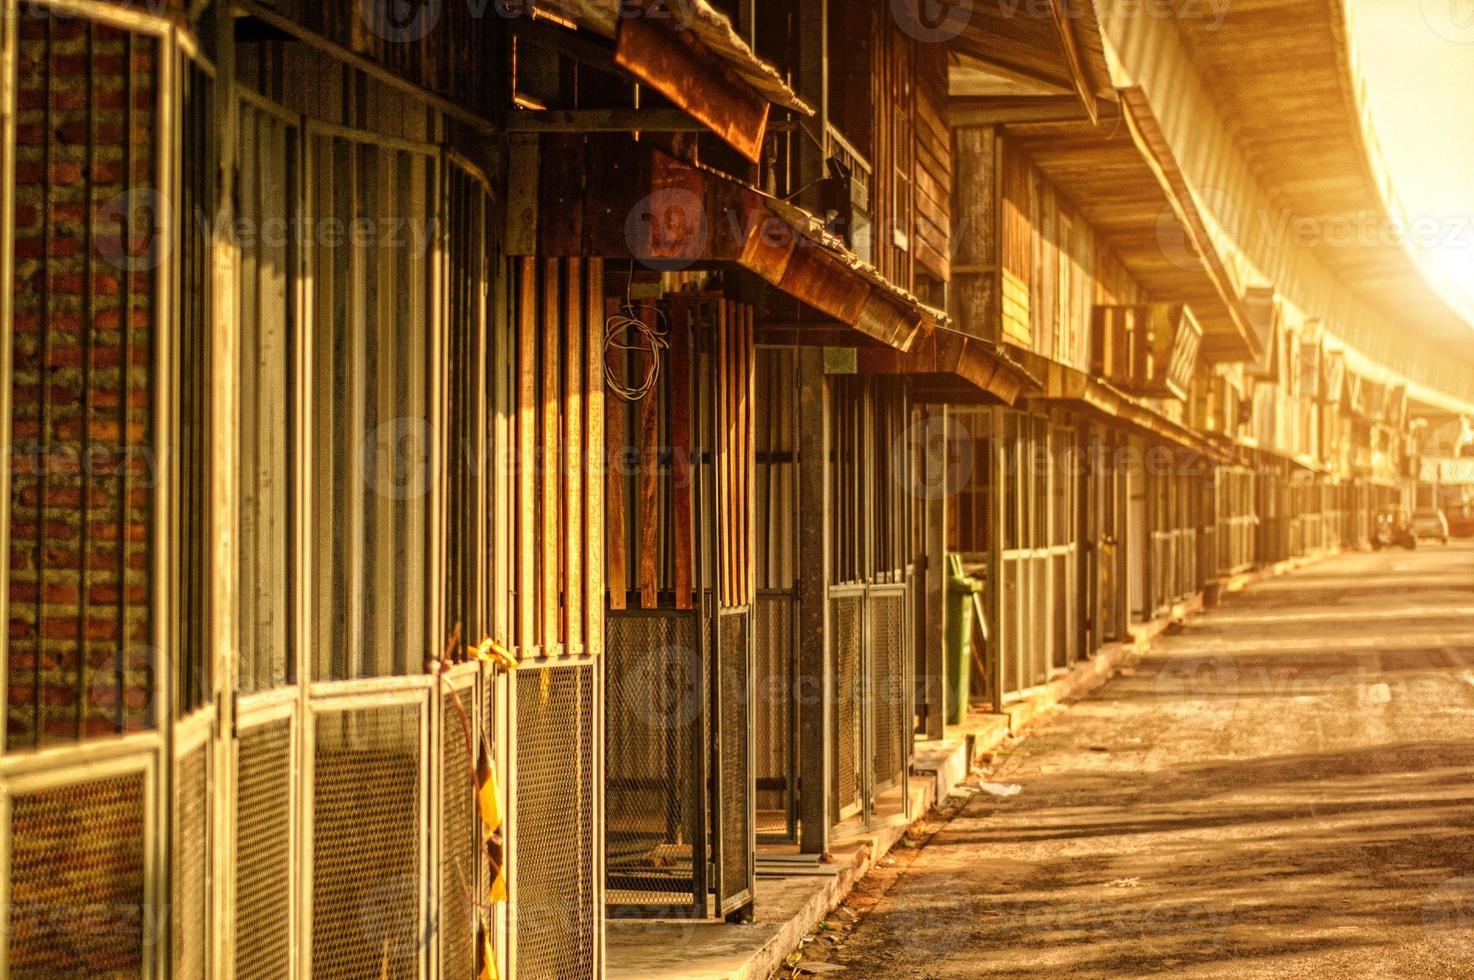 bâtiment vintage photo